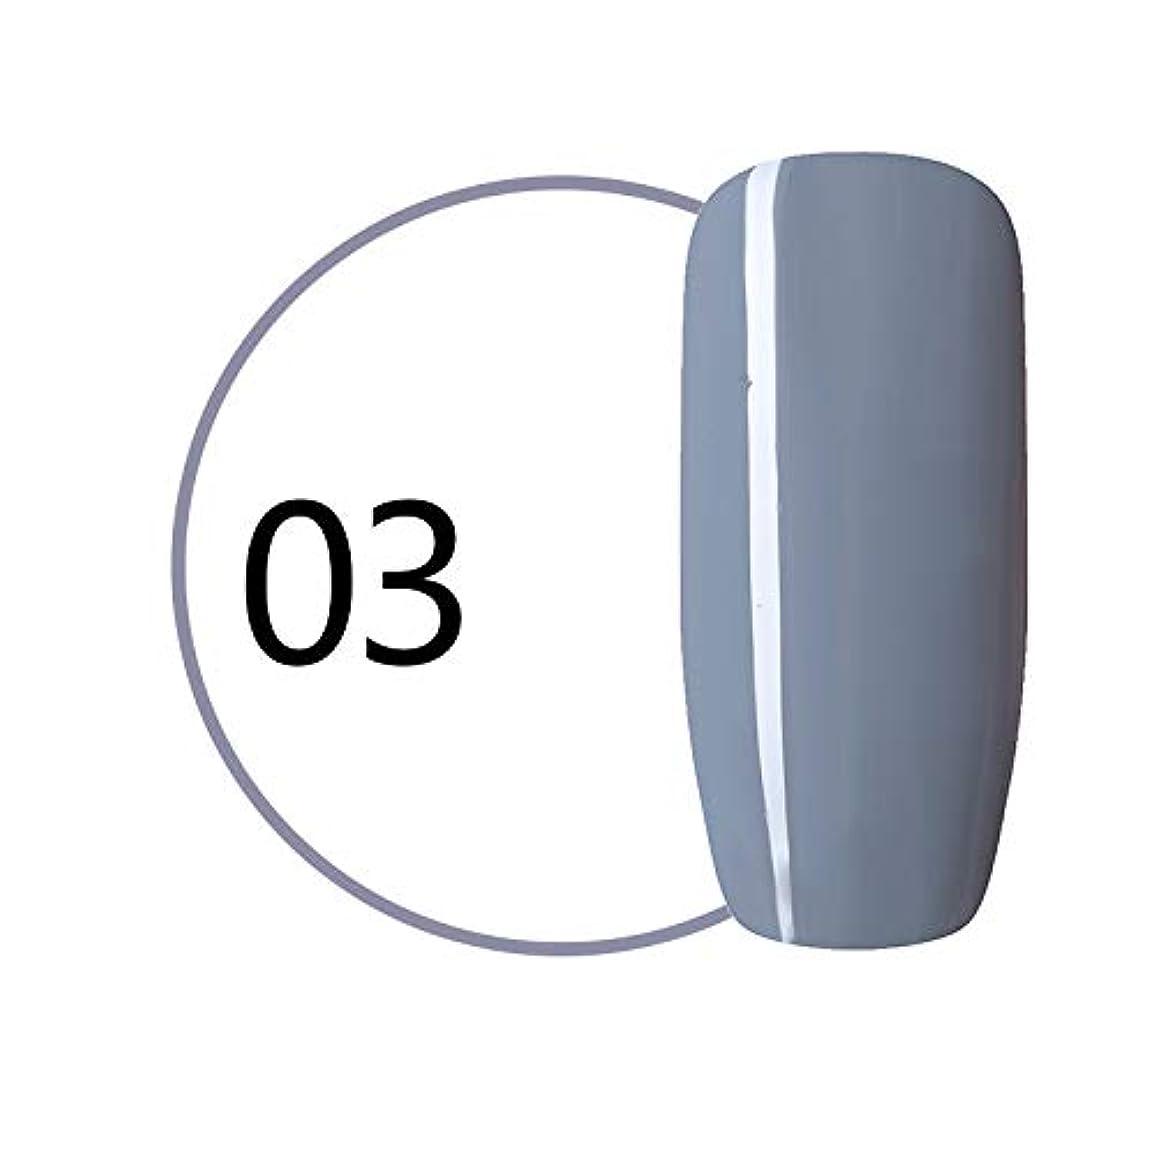 四回用量とティームSymboat マニキュア ソークオフ UV LED ネイルジェルポリッシュ ワイングレーシリーズ ネイル用品 女優 人気 初心者にも対応 安全 無毒